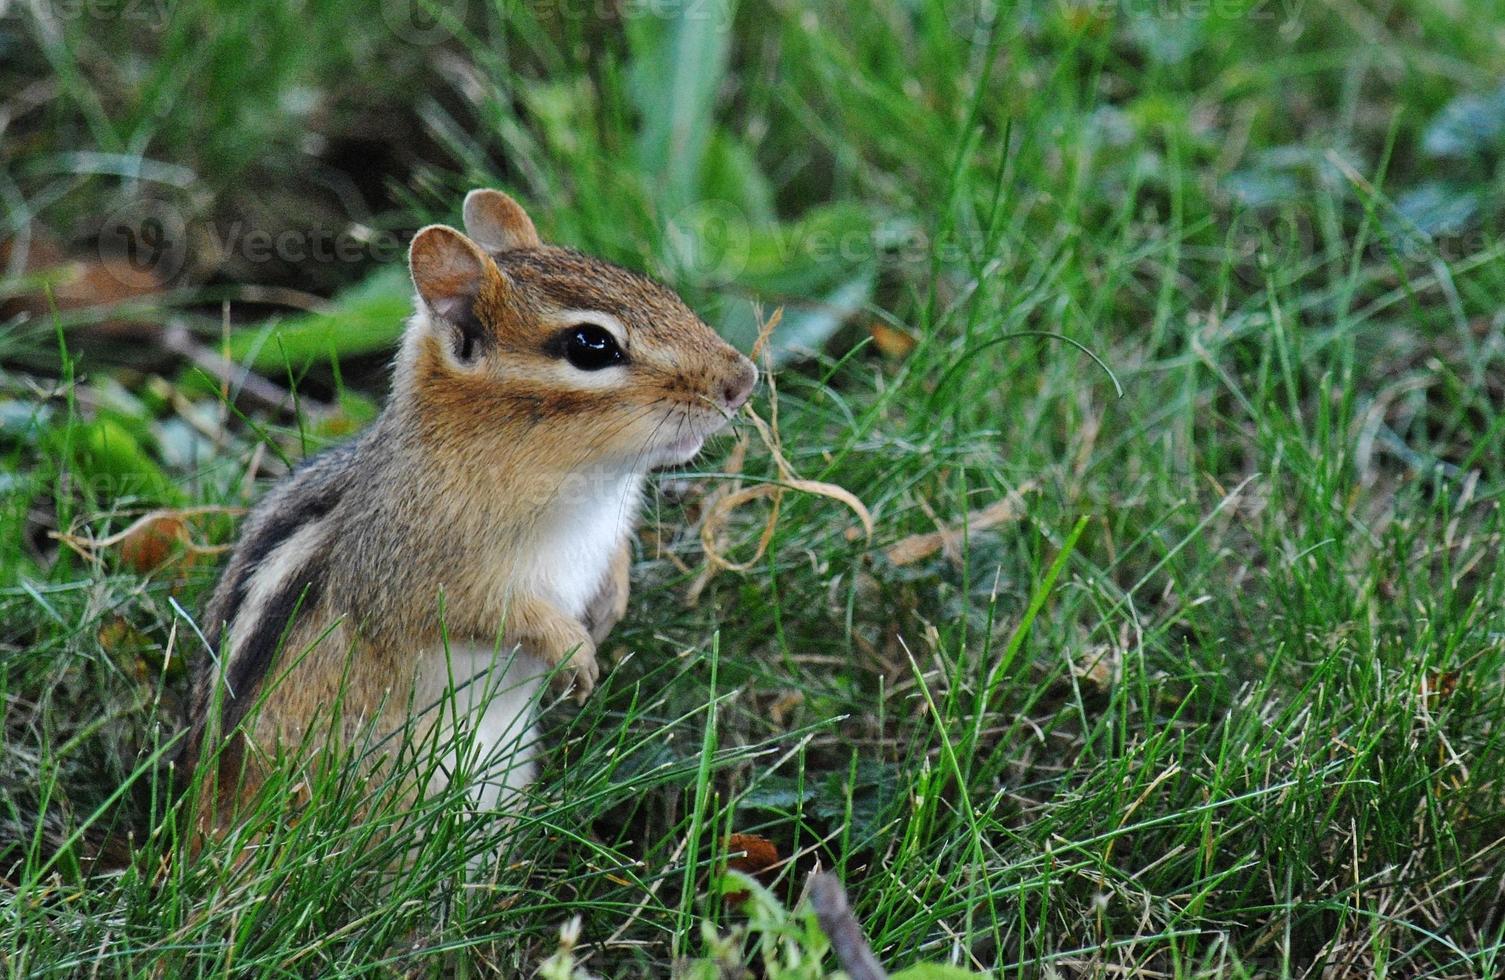 nieuwsgierig en alert - aardeekhoorn in het gras foto